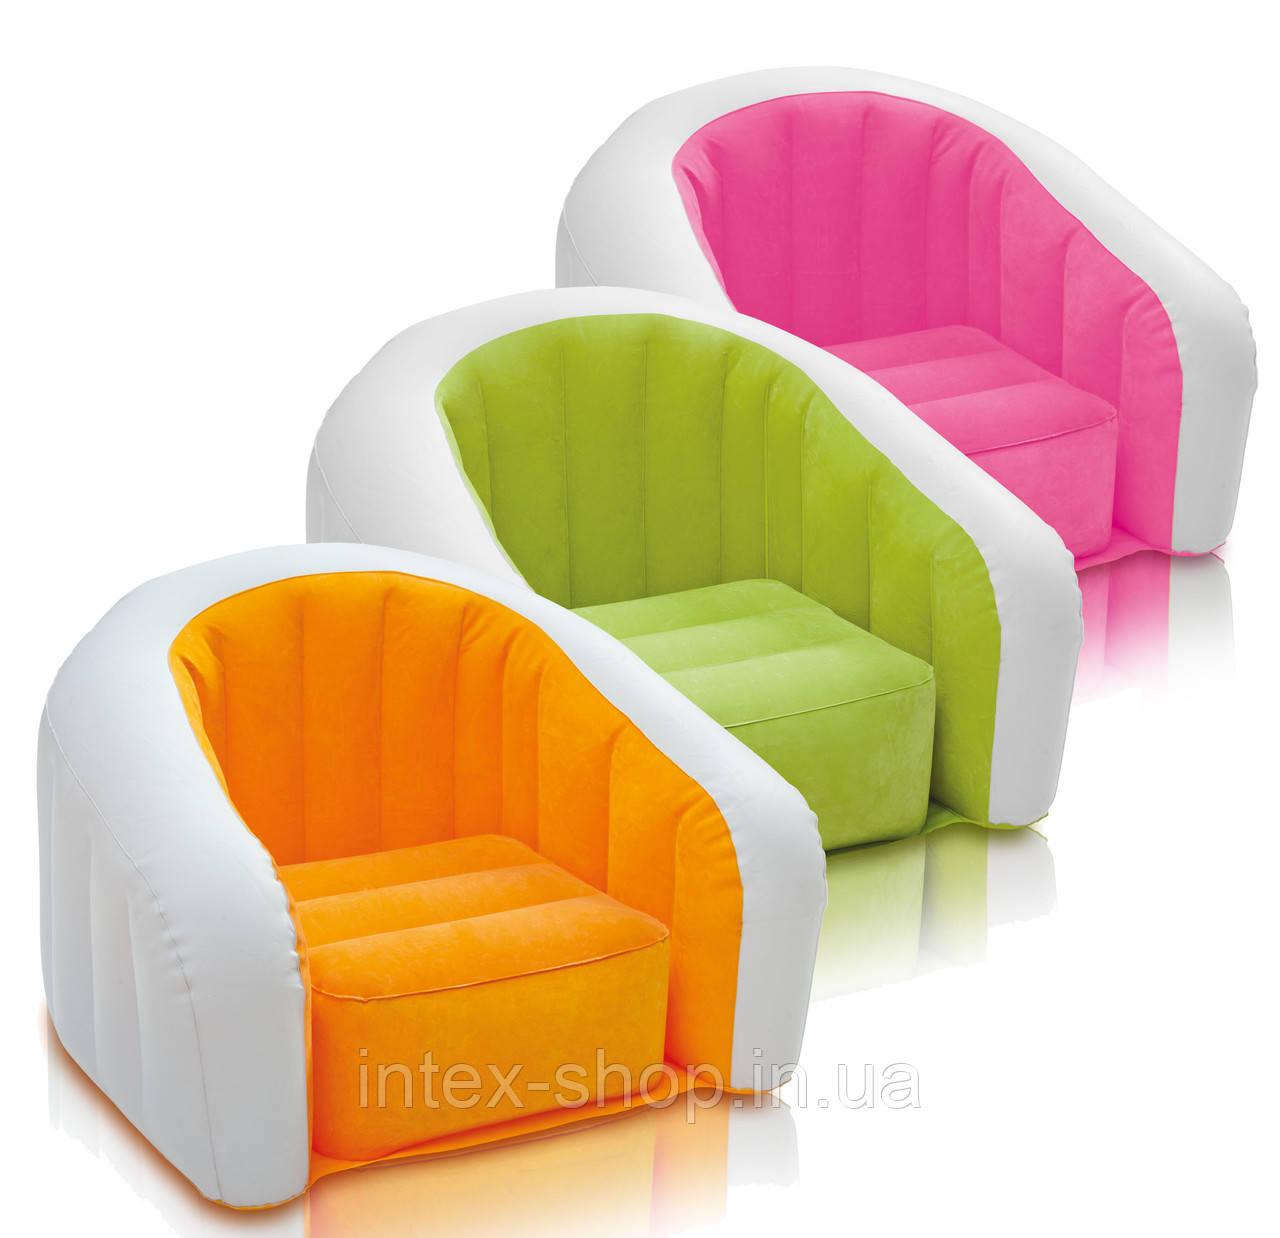 Детское надувное кресло intex 68597  (Розовый)